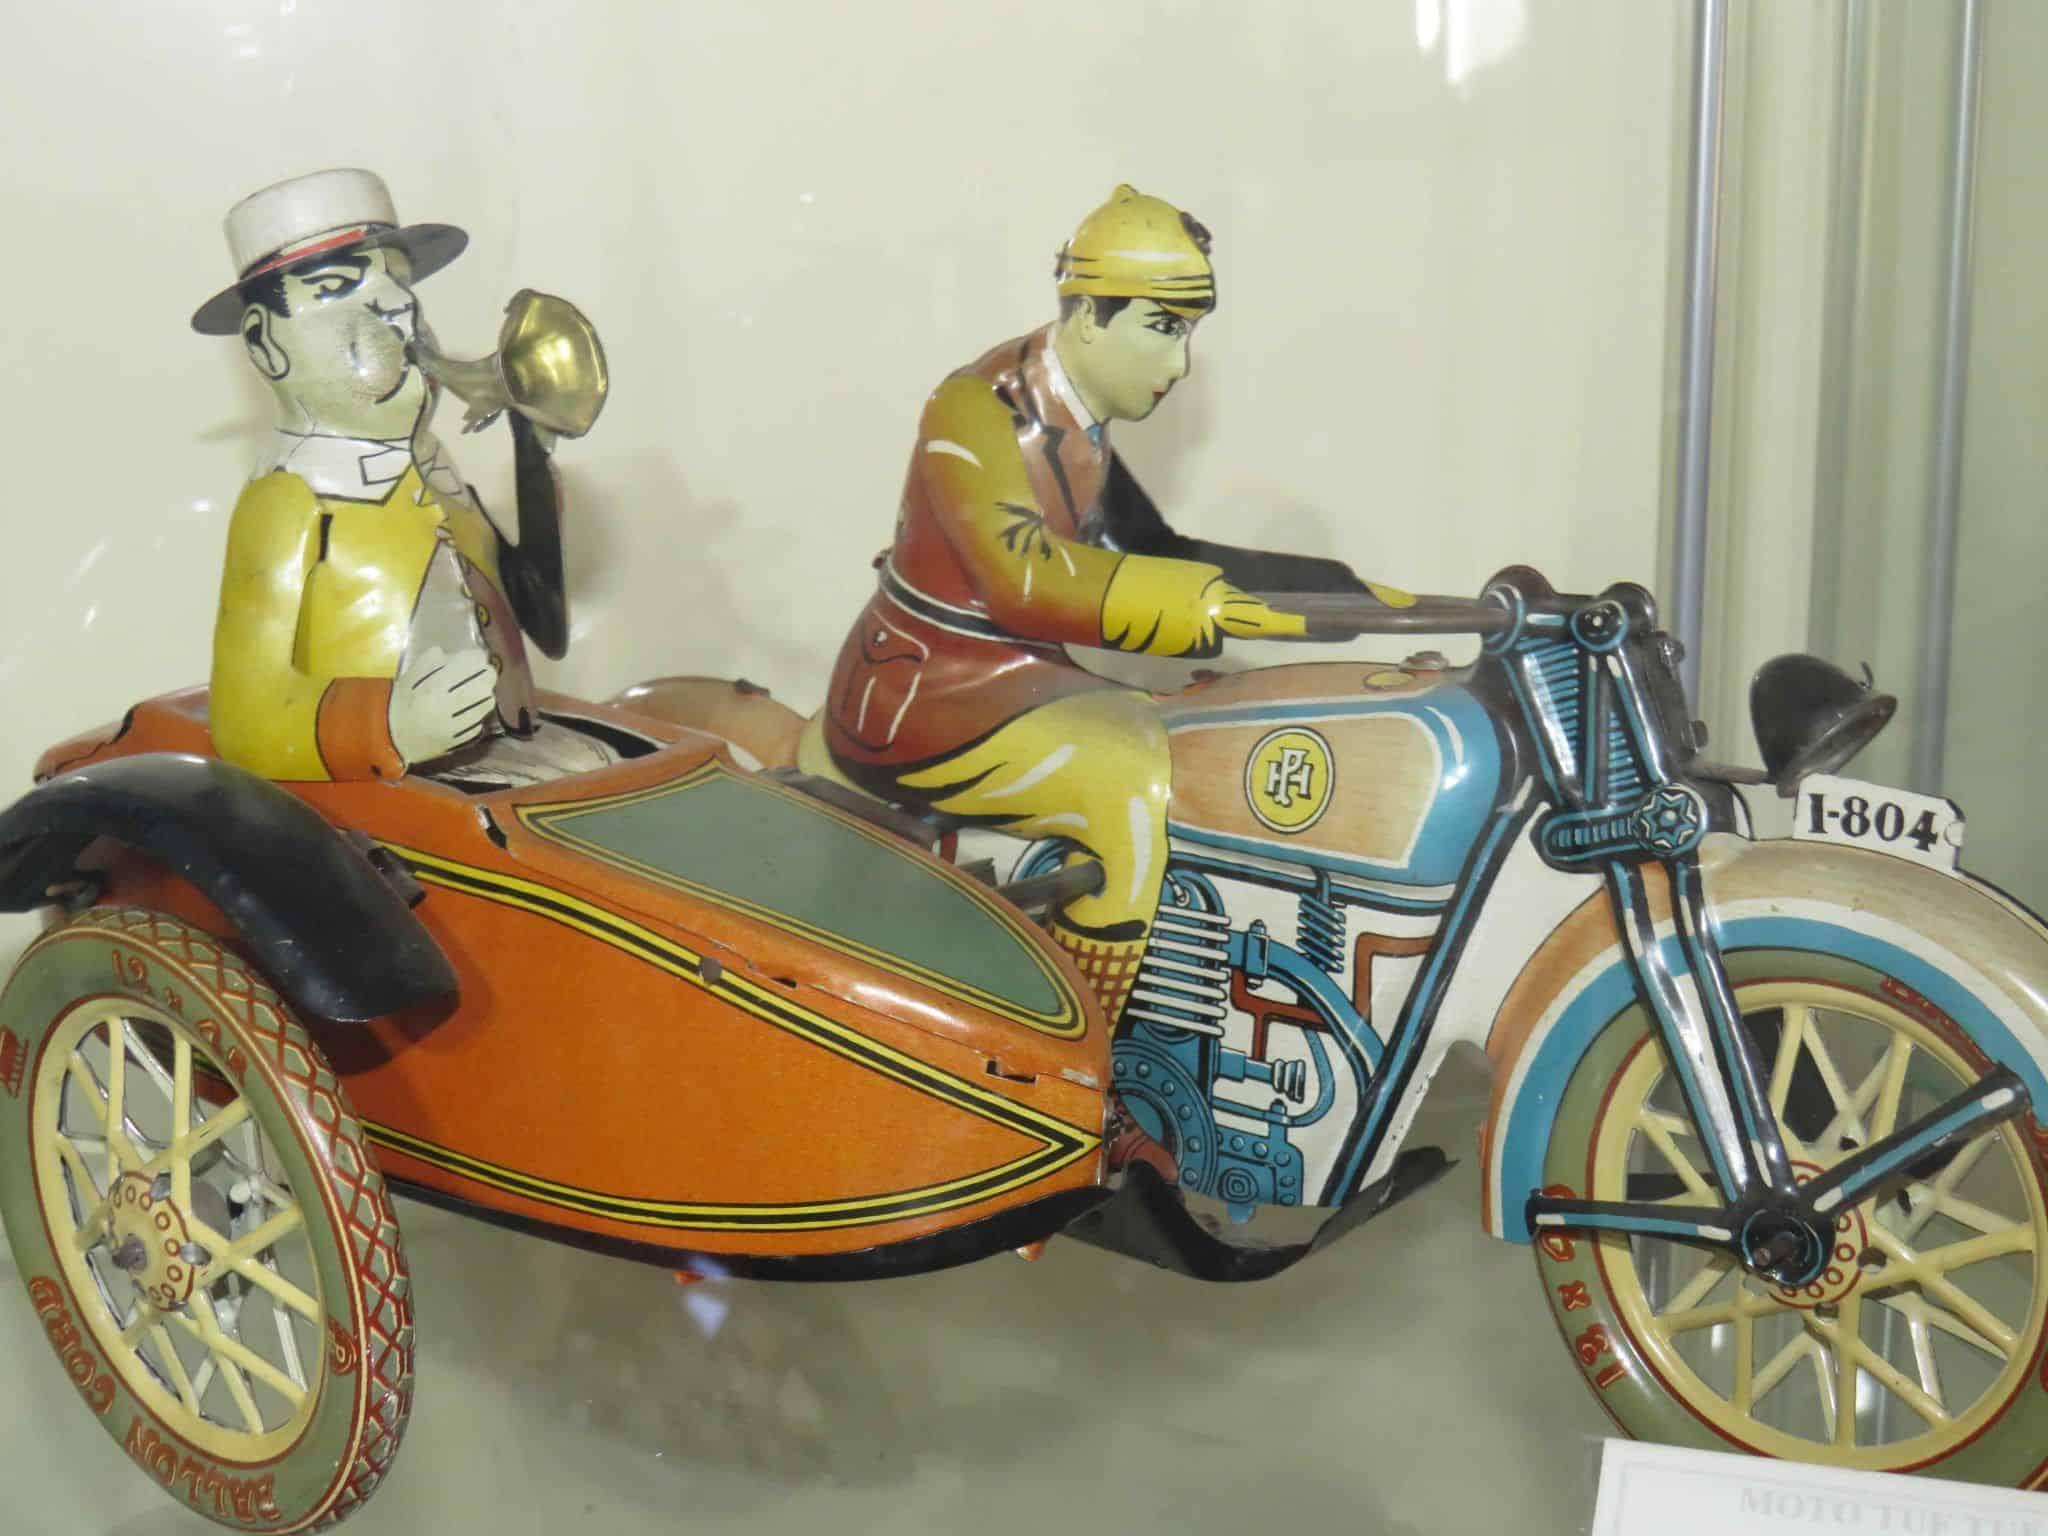 Museo del Juguete de Hojalata